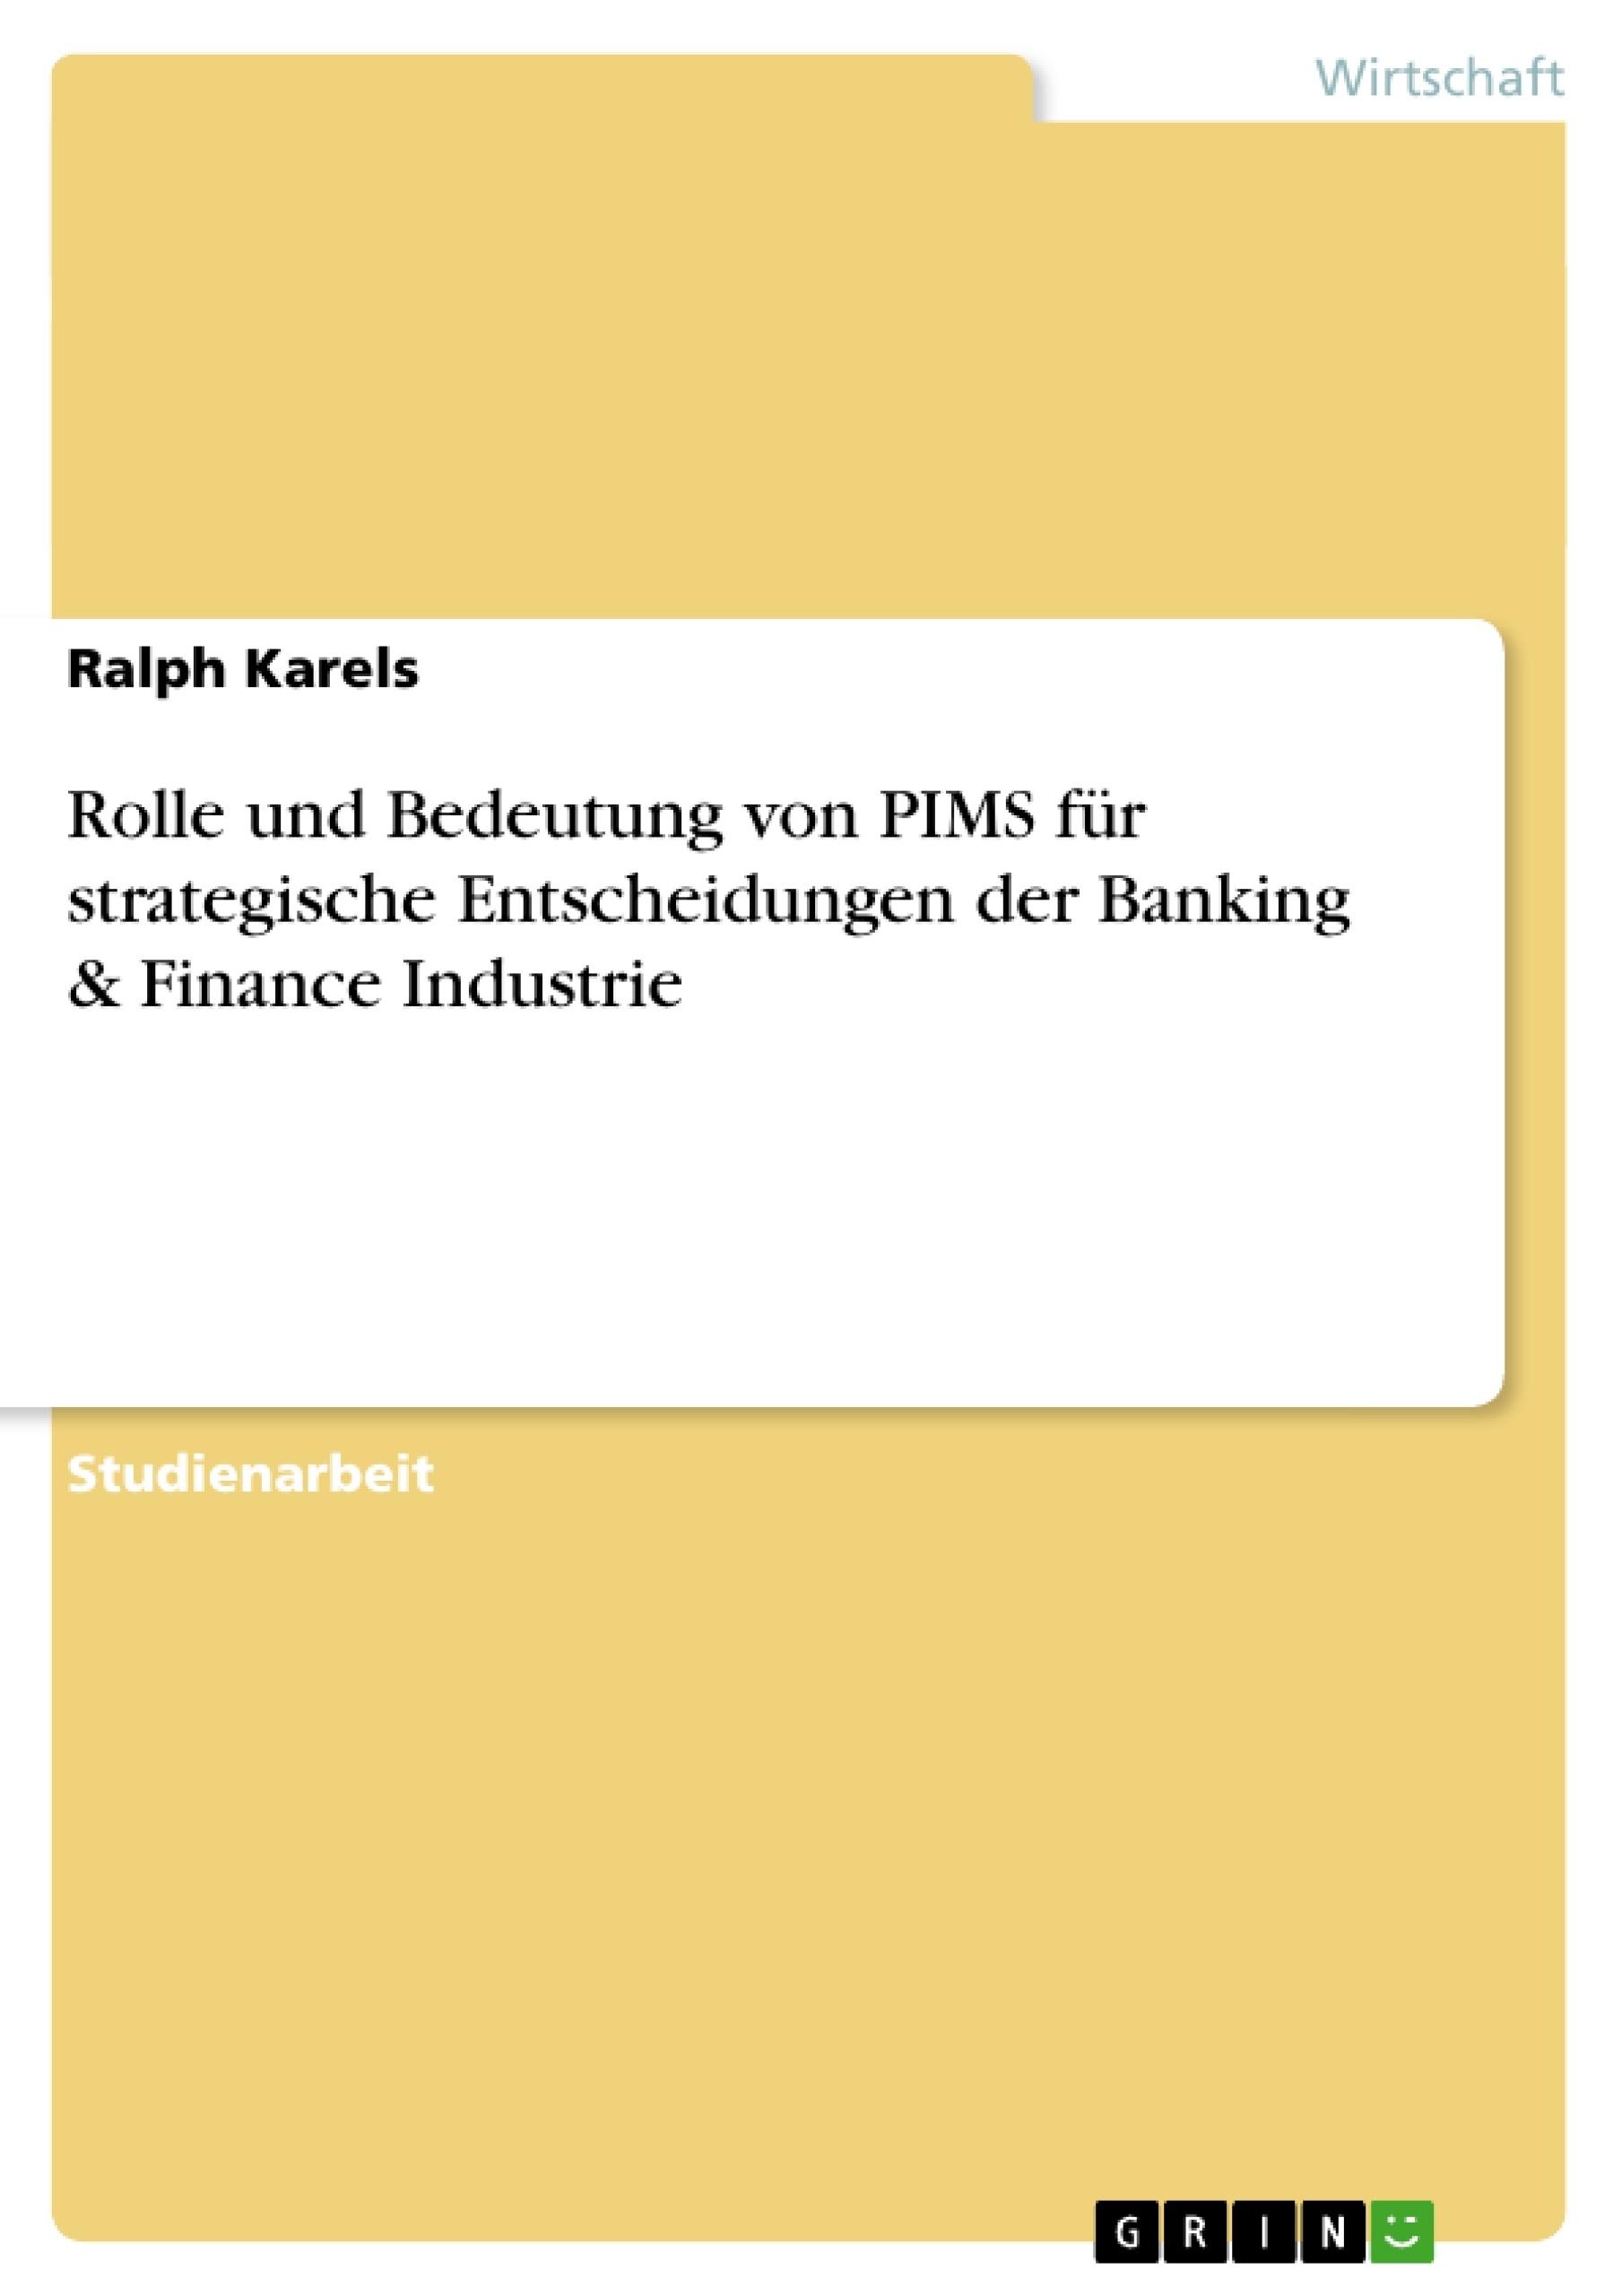 Titel: Rolle und Bedeutung von PIMS für strategische Entscheidungen der Banking & Finance Industrie